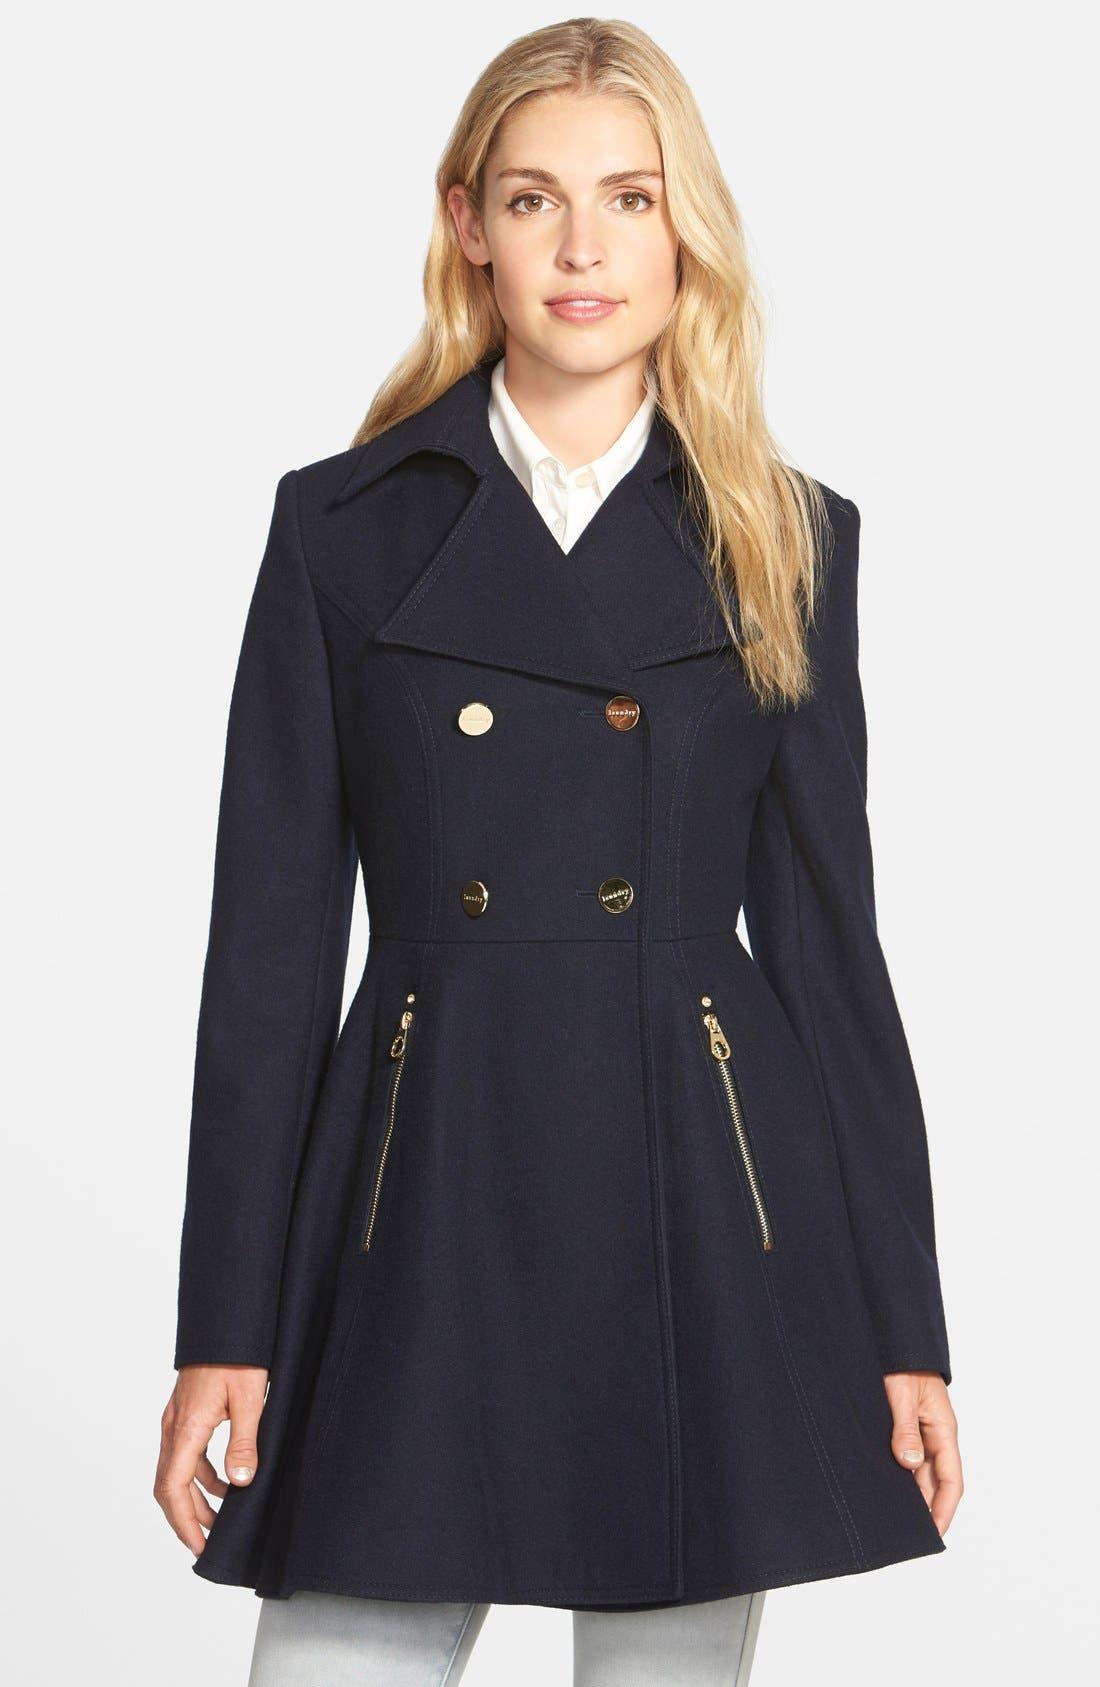 Ladies coats petite size